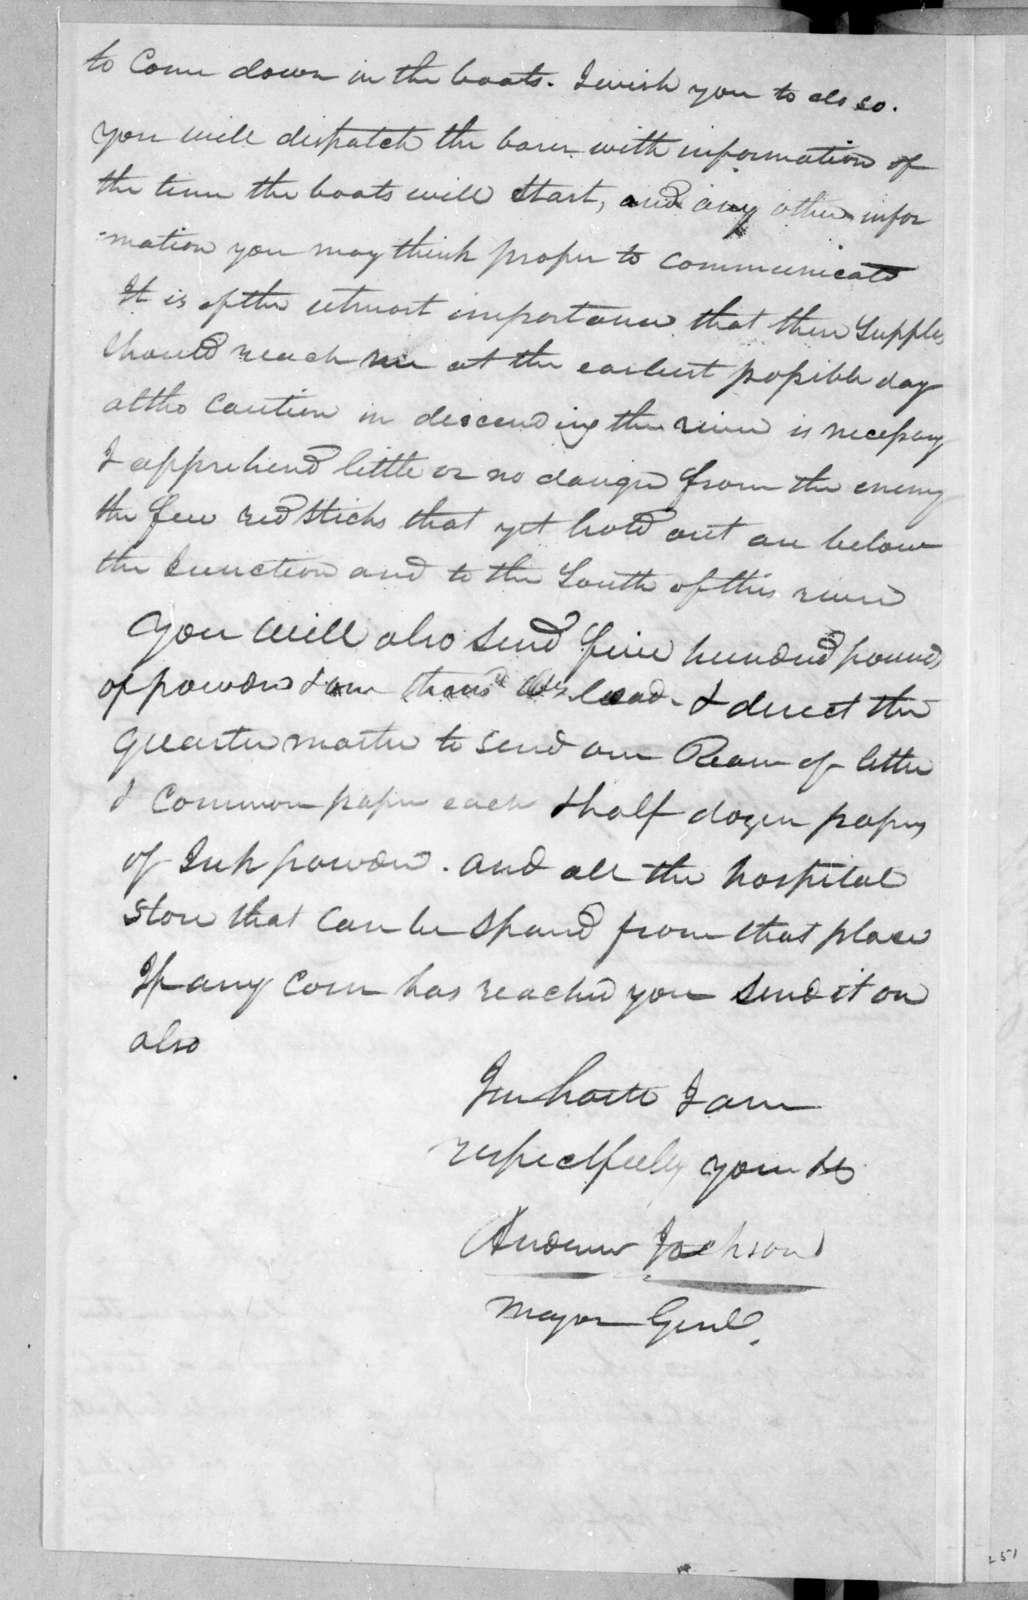 Andrew Jackson to Thomas Johnson, April 14, 1814